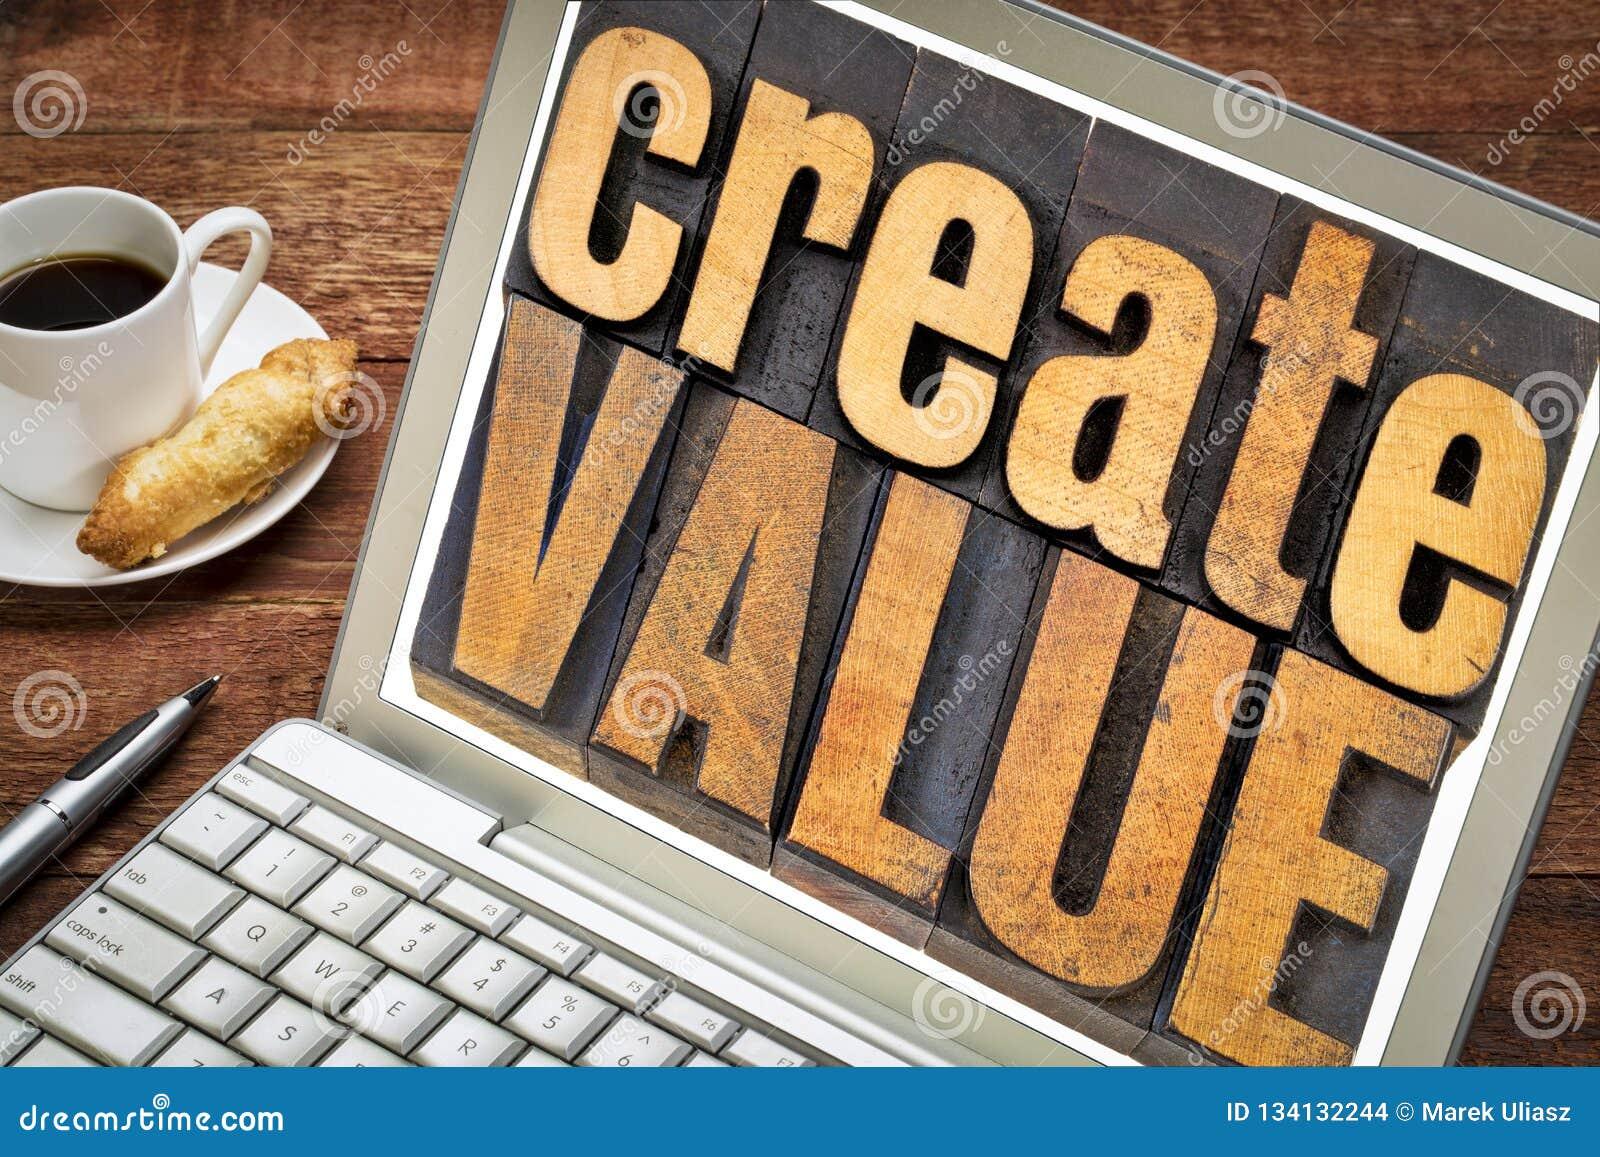 创造价值木头印刷术